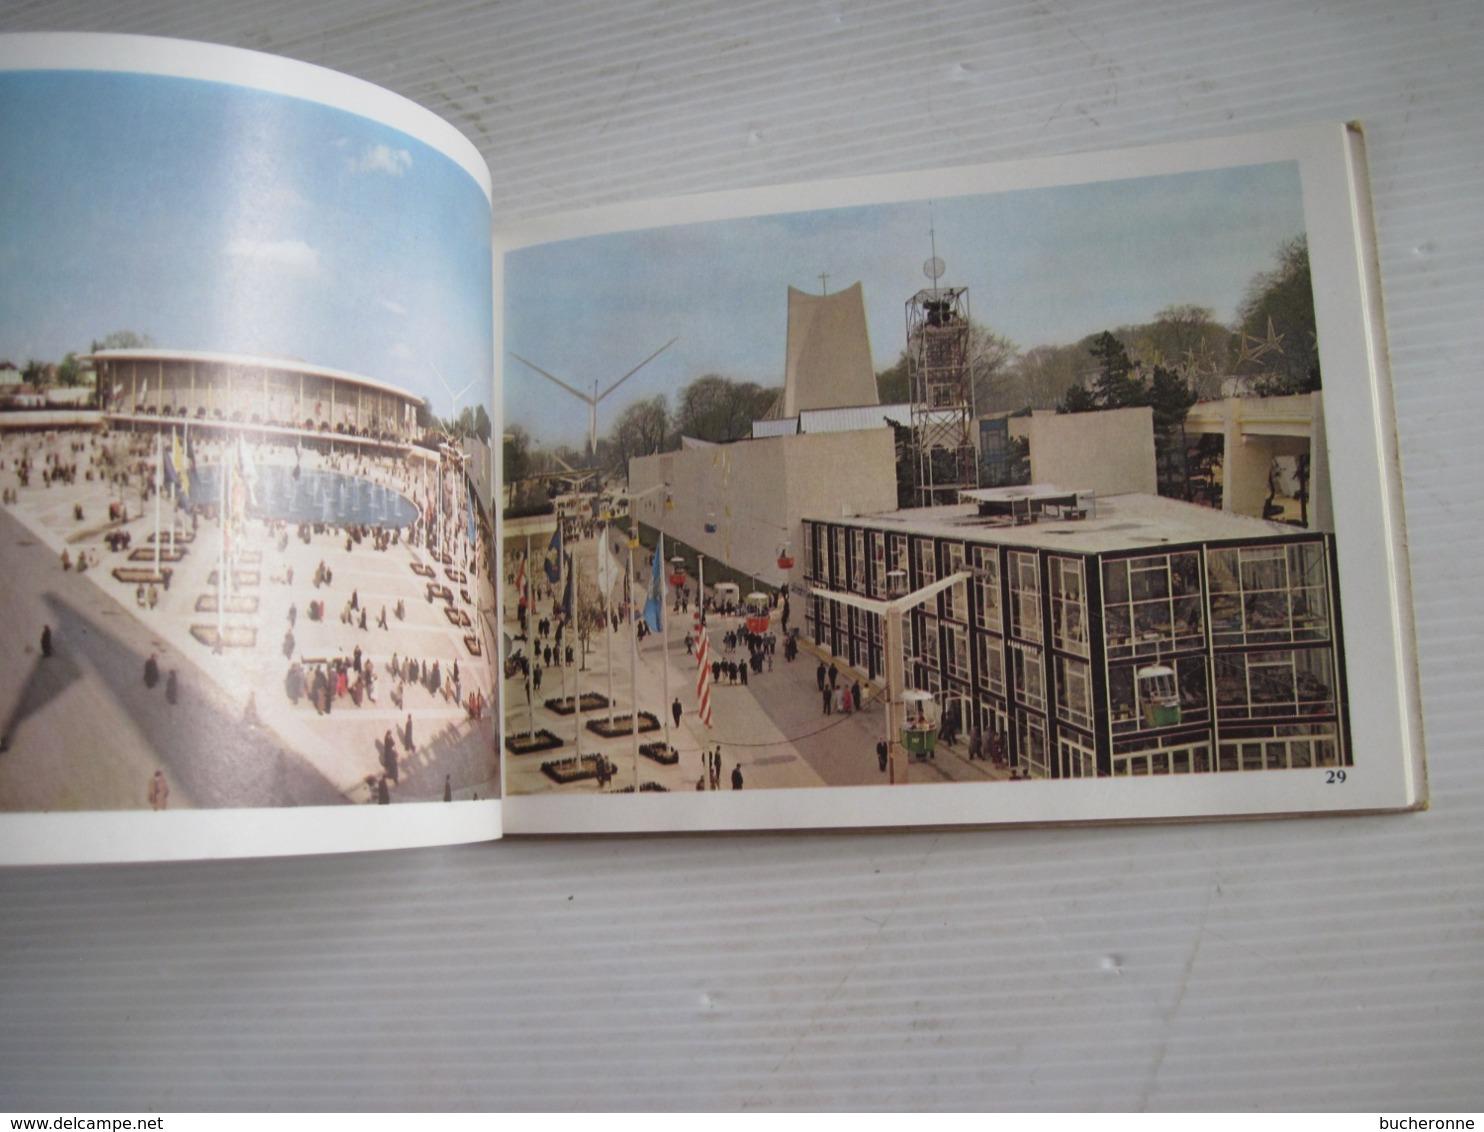 Carnet Album Souvenir Exposition Universelle Et Internationale De Bruxelles 1958 Expo 58 56 Images - Obj. 'Souvenir De'